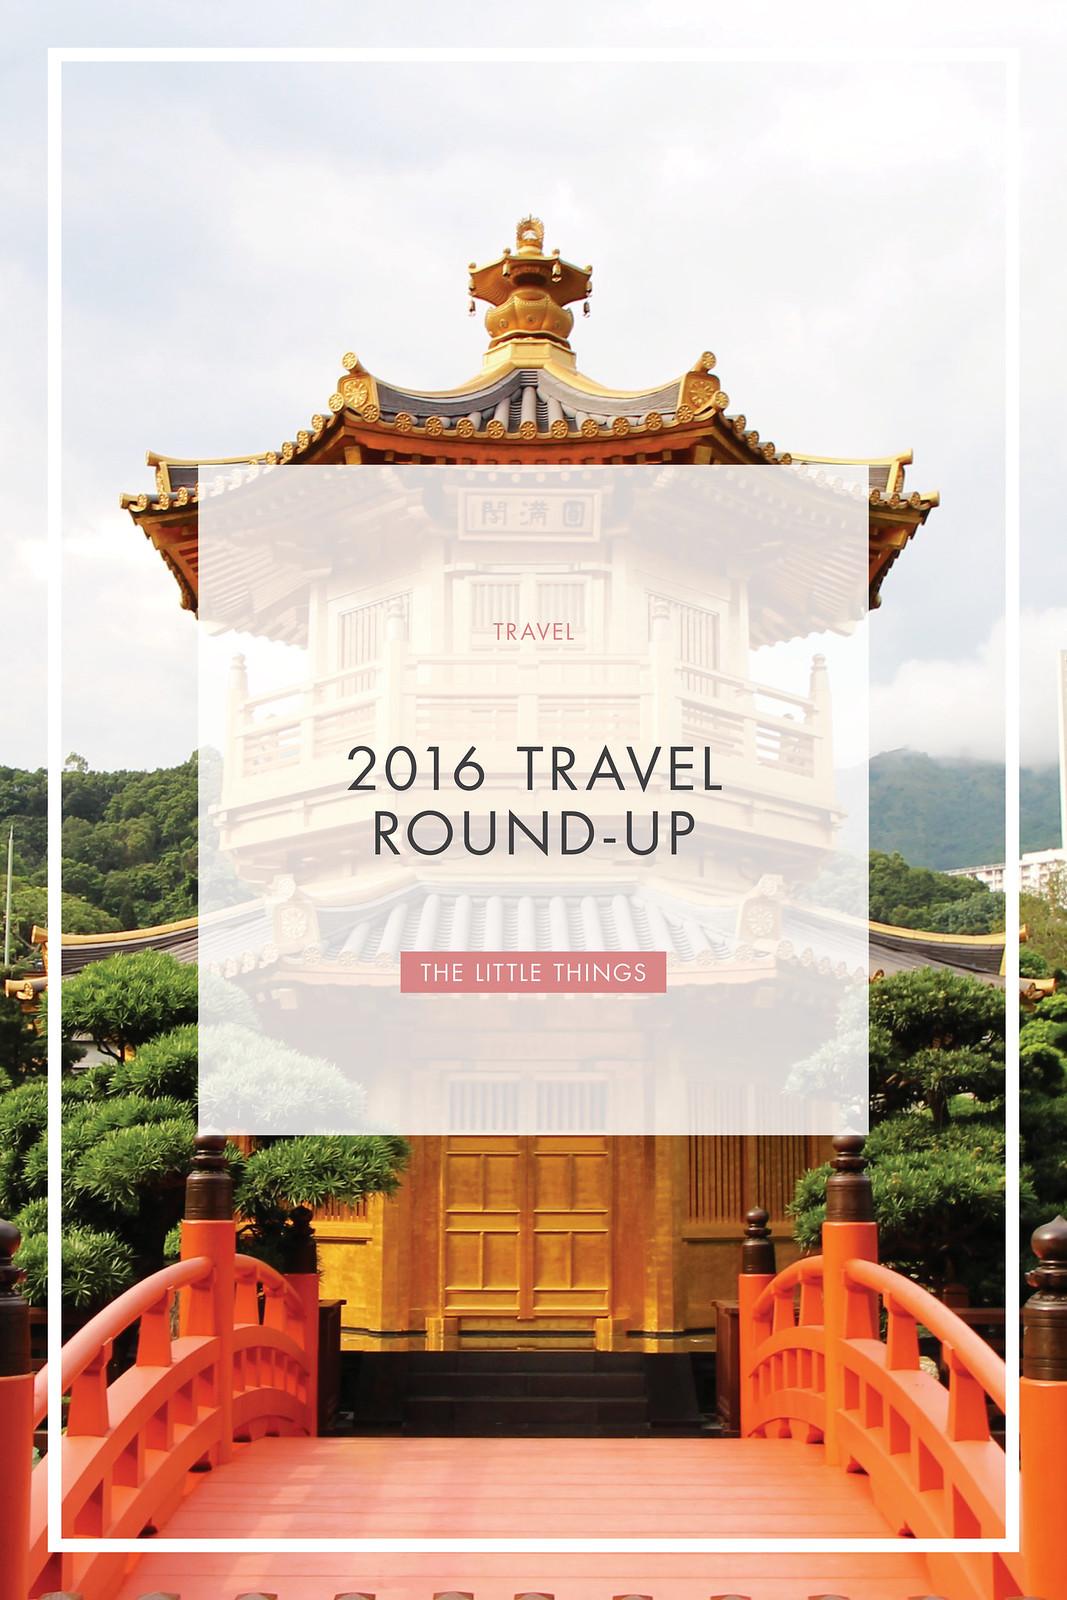 2016 travel round up